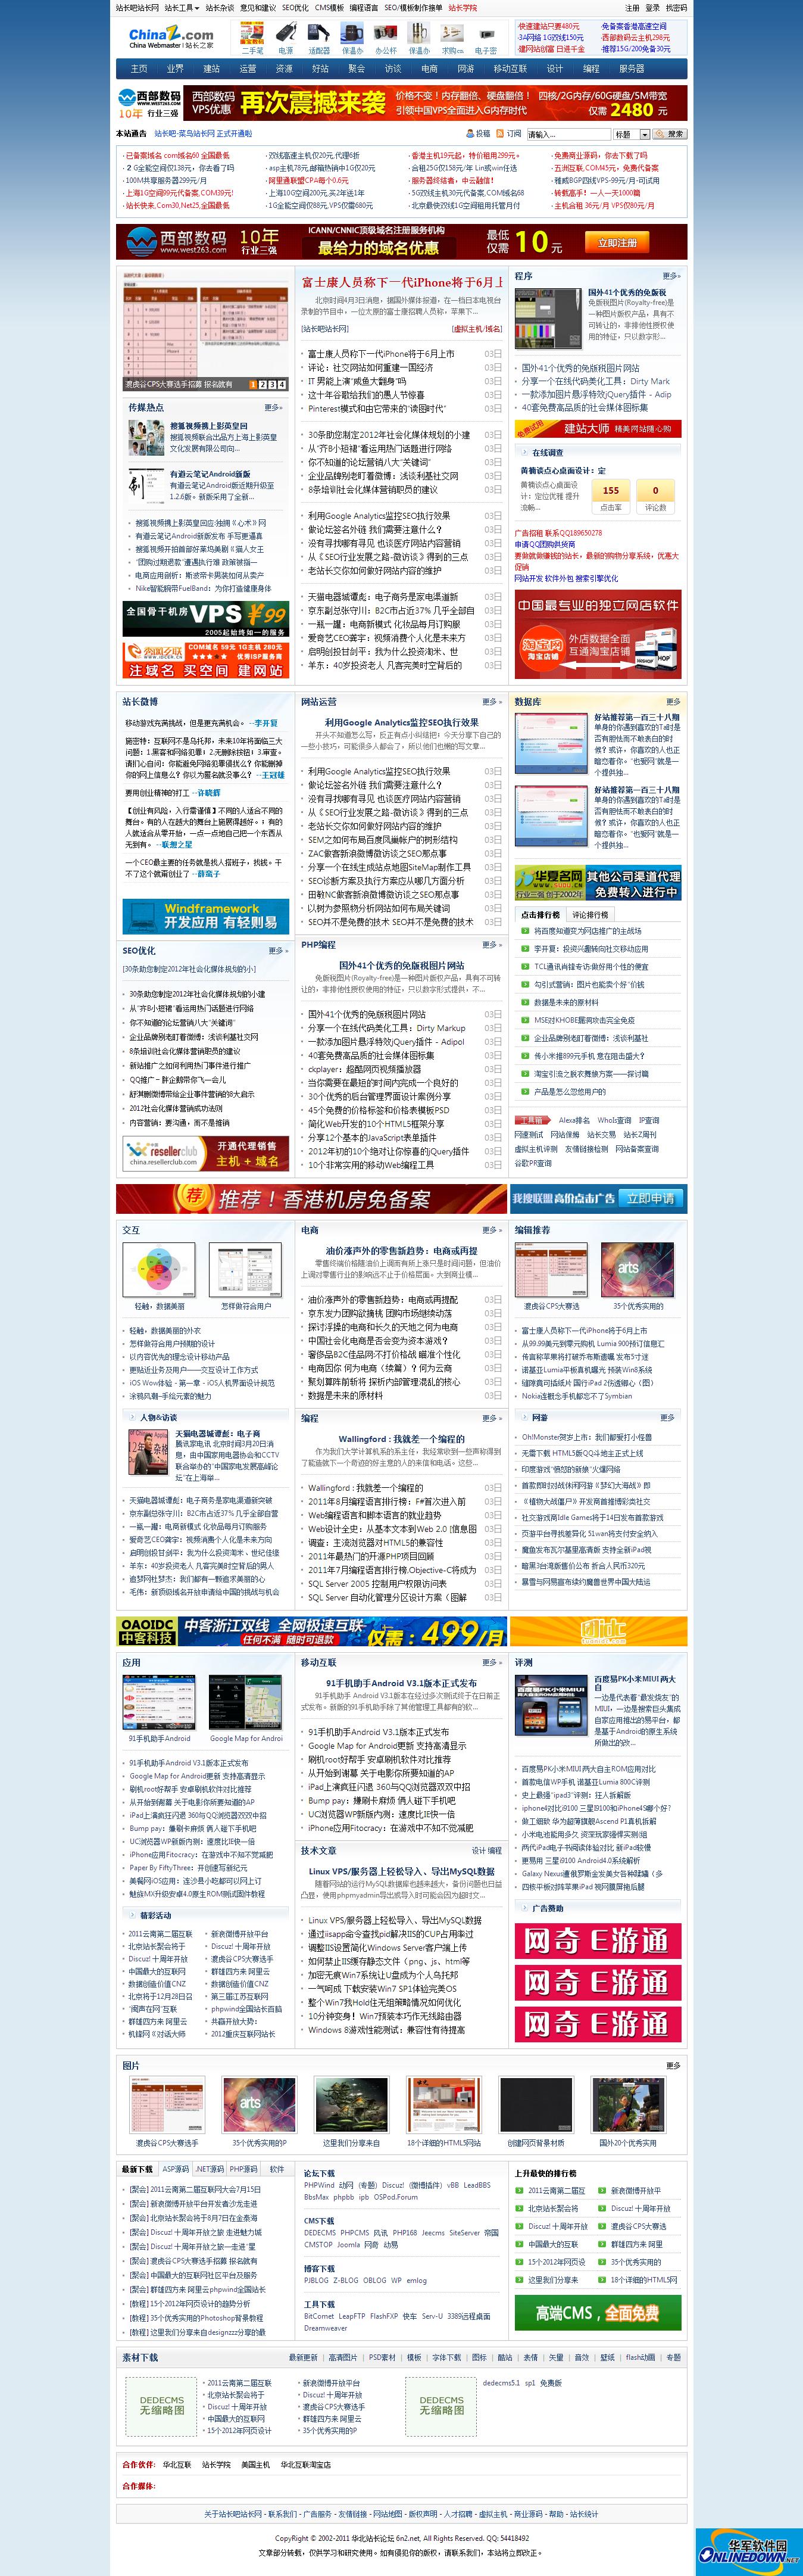 仿中国站长网源码织梦5.7sp1源码 PC版